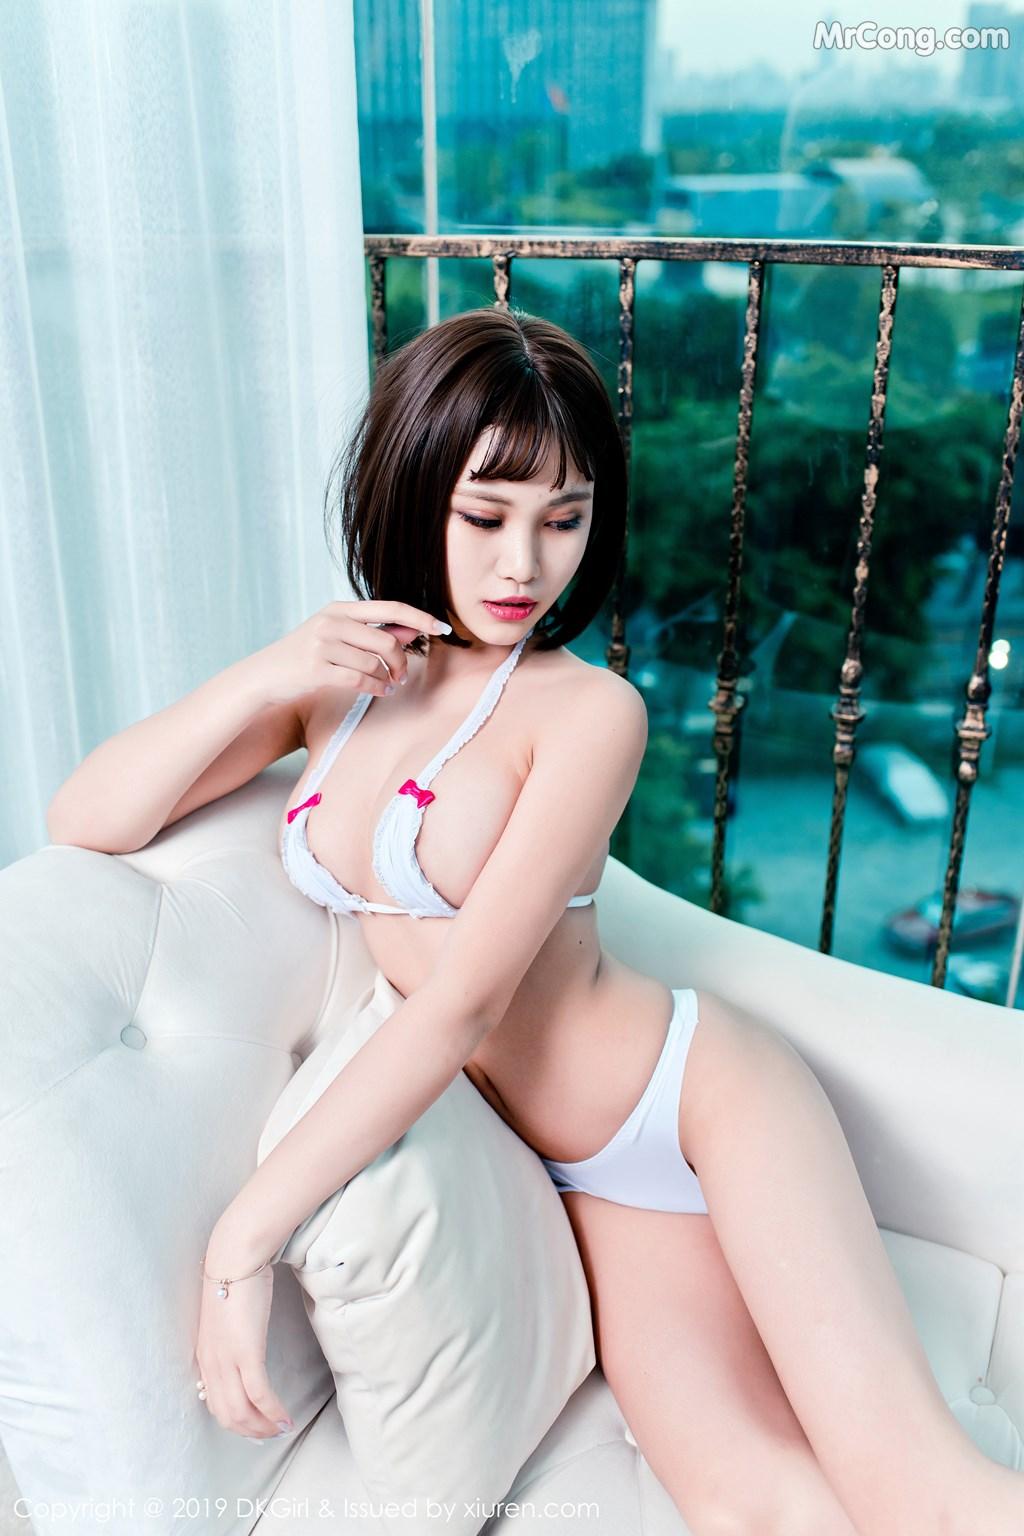 Image DKGirl-Vol.100-Meng-Bao-Er-BoA-MrCong.com-009 in post DKGirl Vol.100: Meng Bao Er (萌宝儿BoA) (51 ảnh)